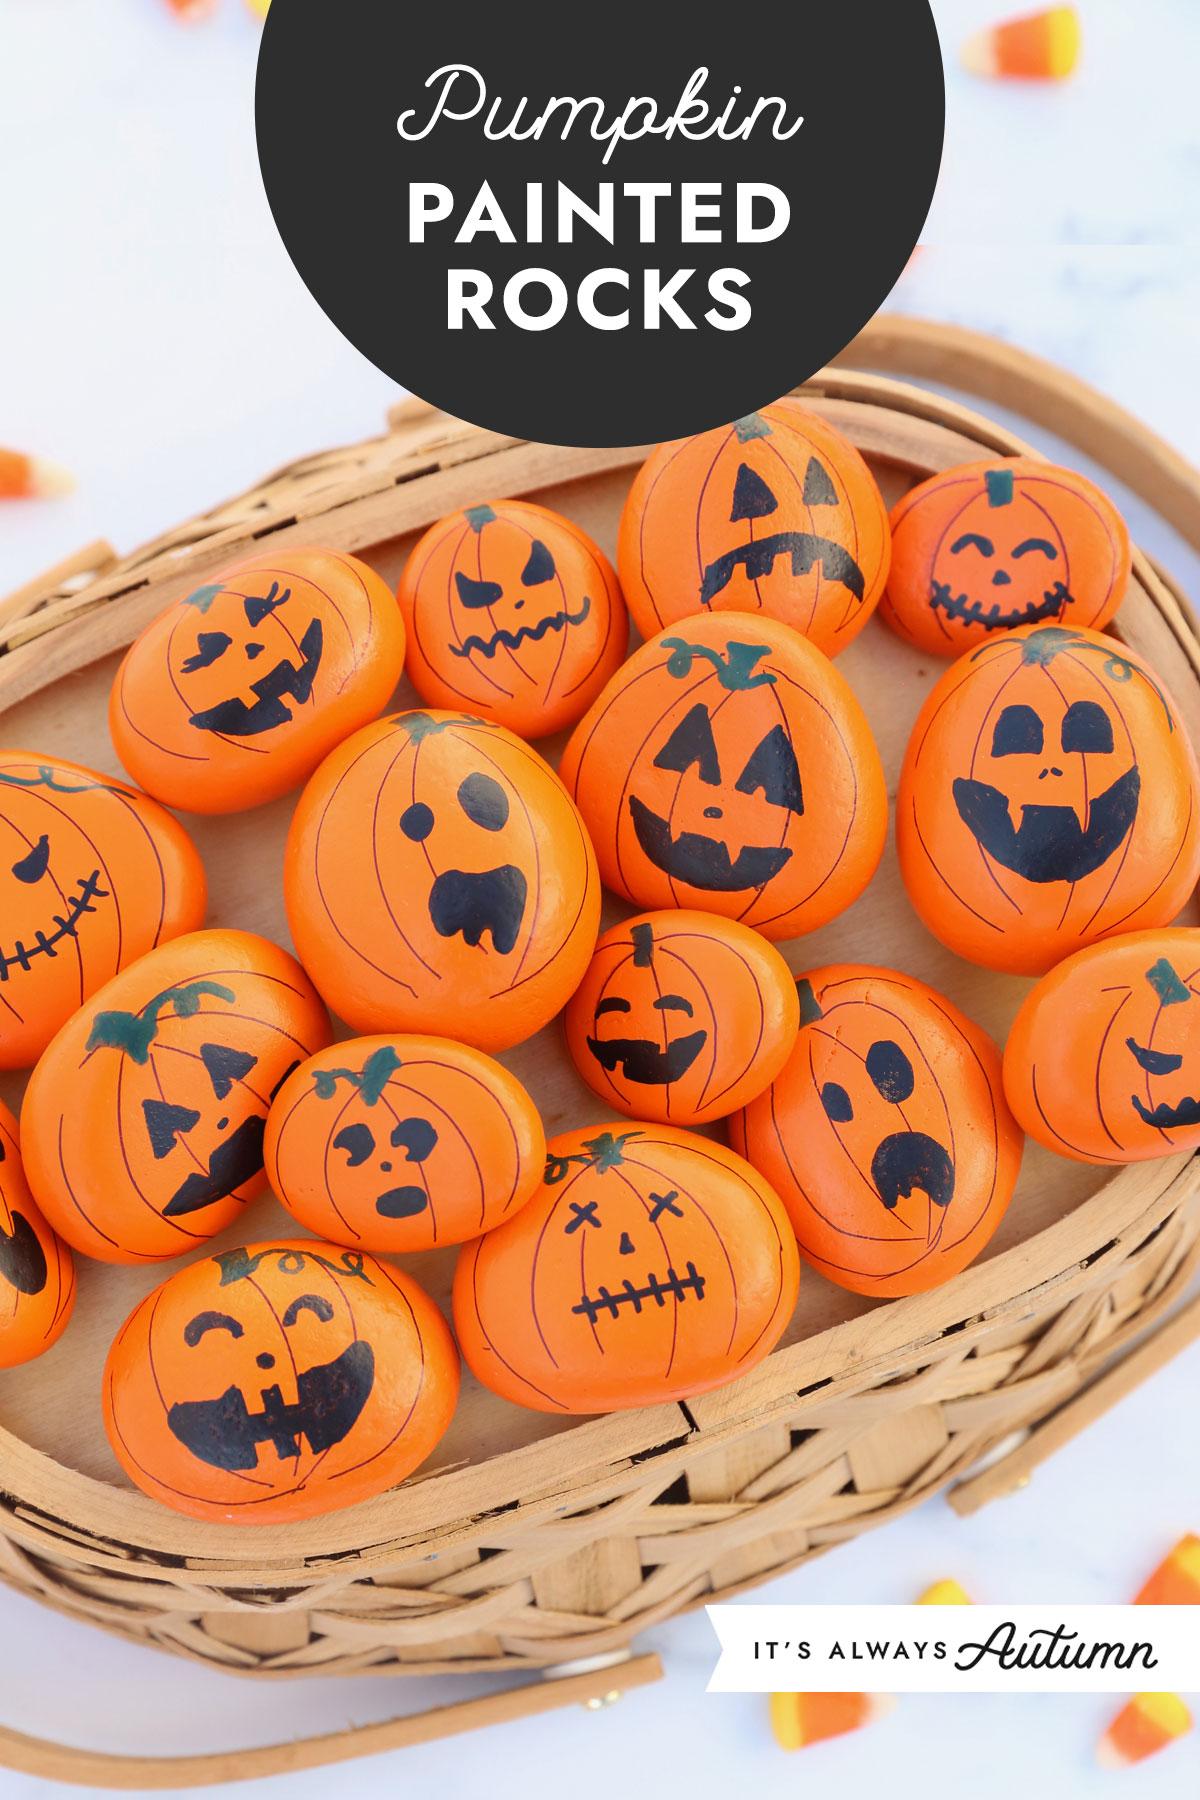 Pumpkin painted rocks